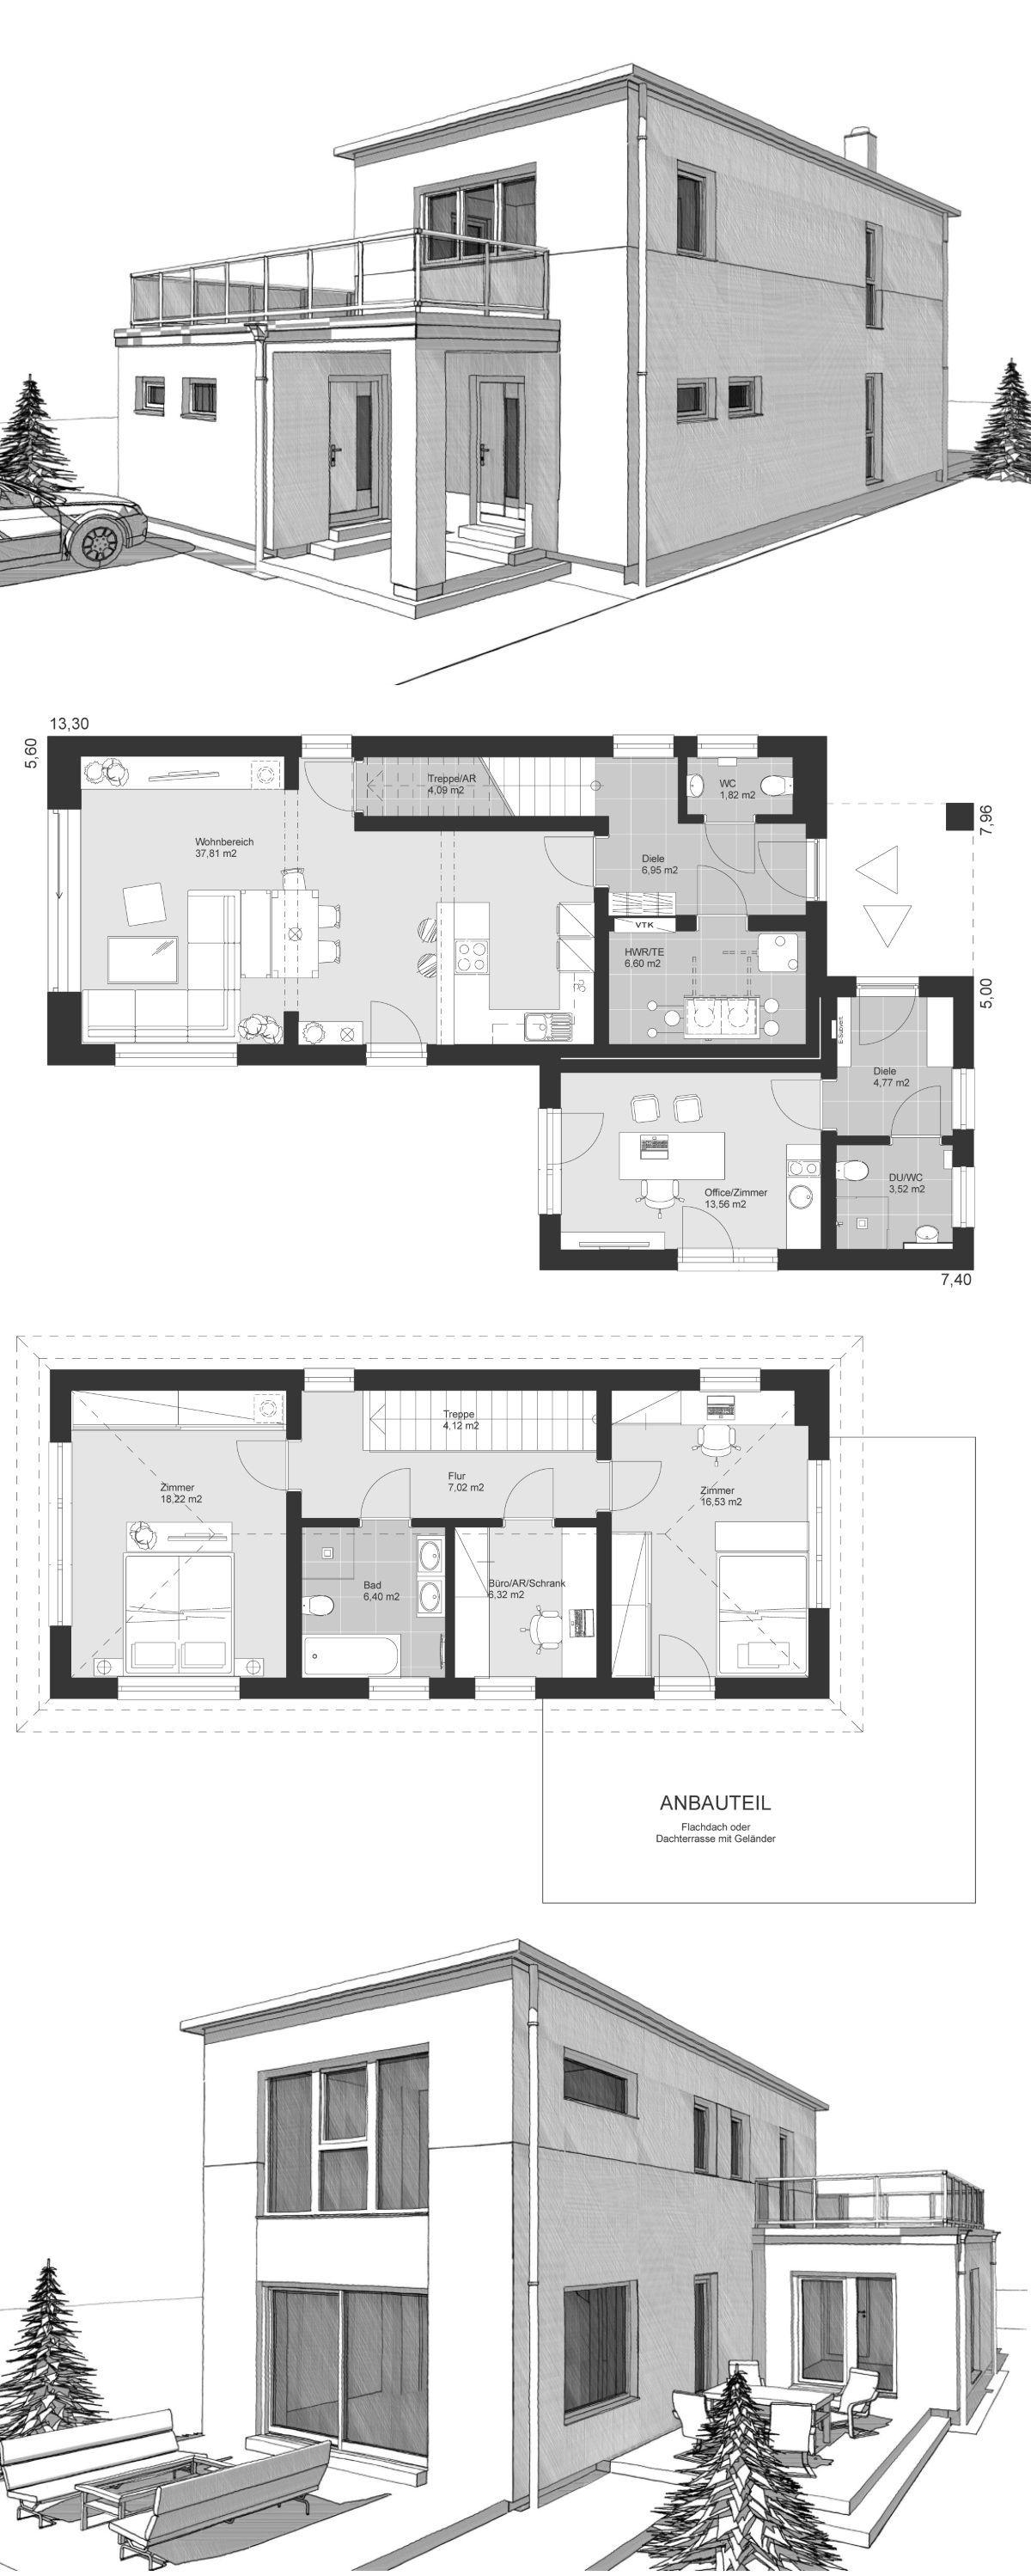 Modernes einfamilienhaus im bauhausstil grundriss schmal for Modernes einfamilienhaus grundriss